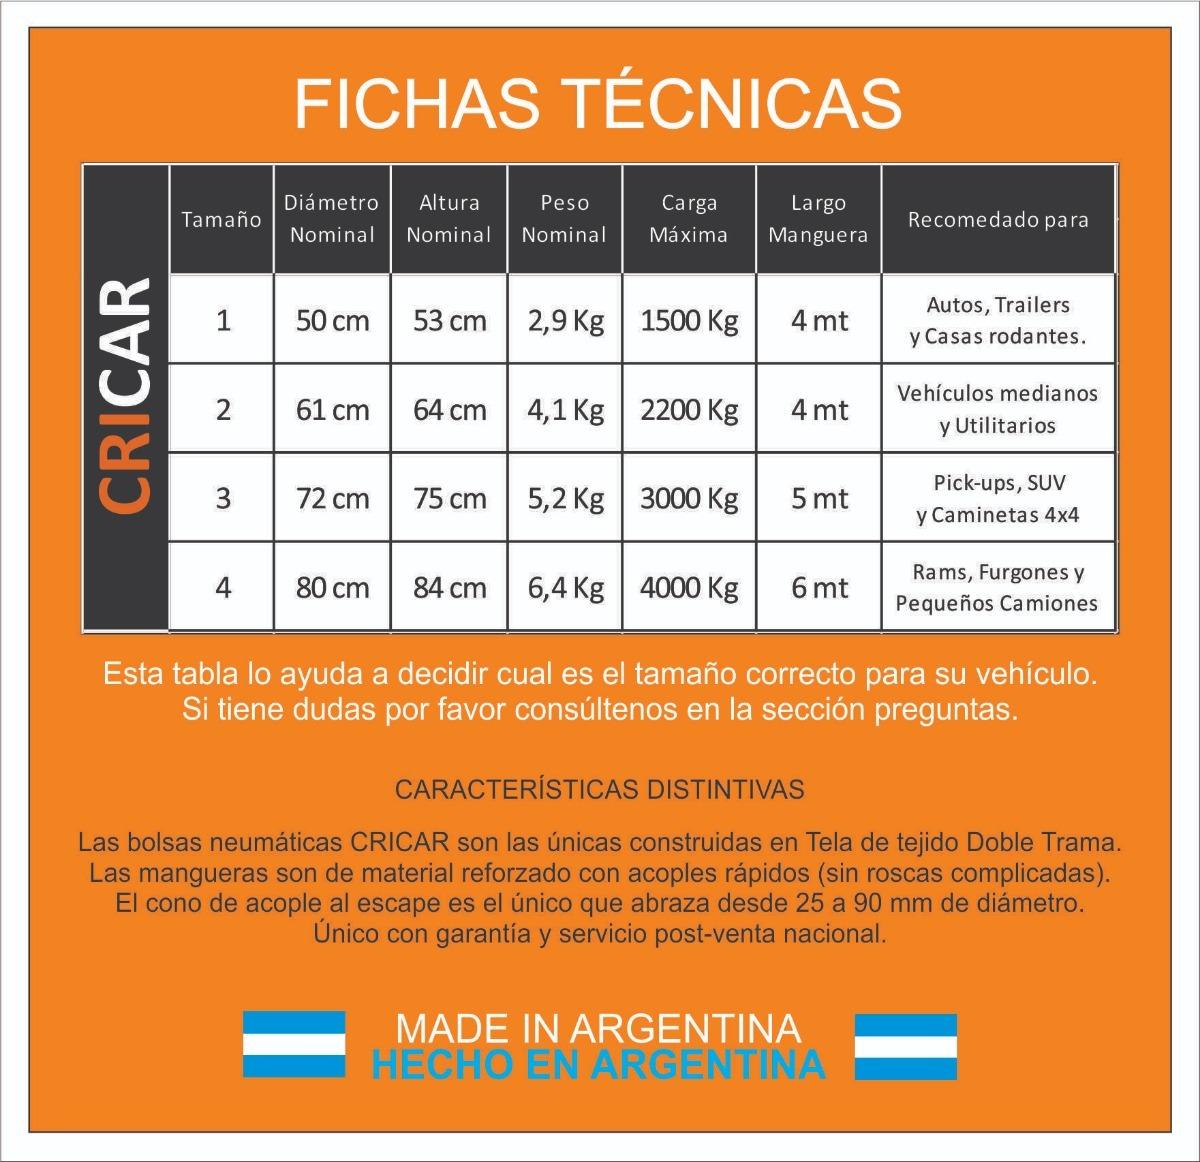 Crique Inflable Cricar Tamaño 1 Para Autos - $ 2.620,00 en Mercado Libre